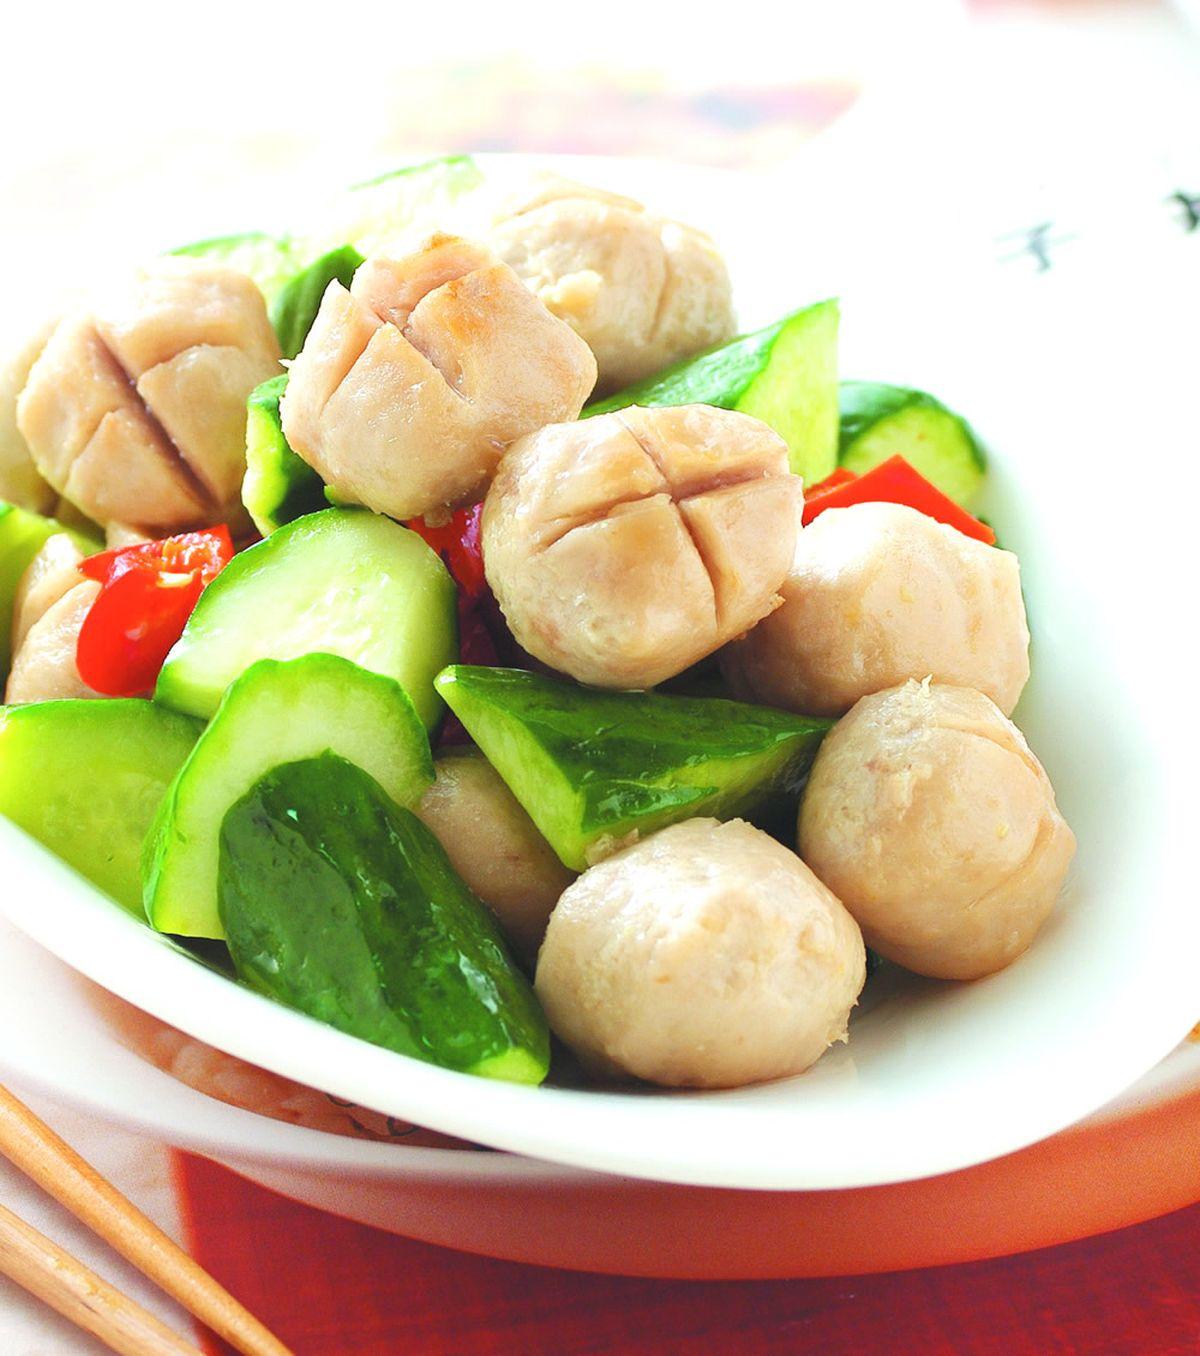 食譜:貢丸炒小黃瓜